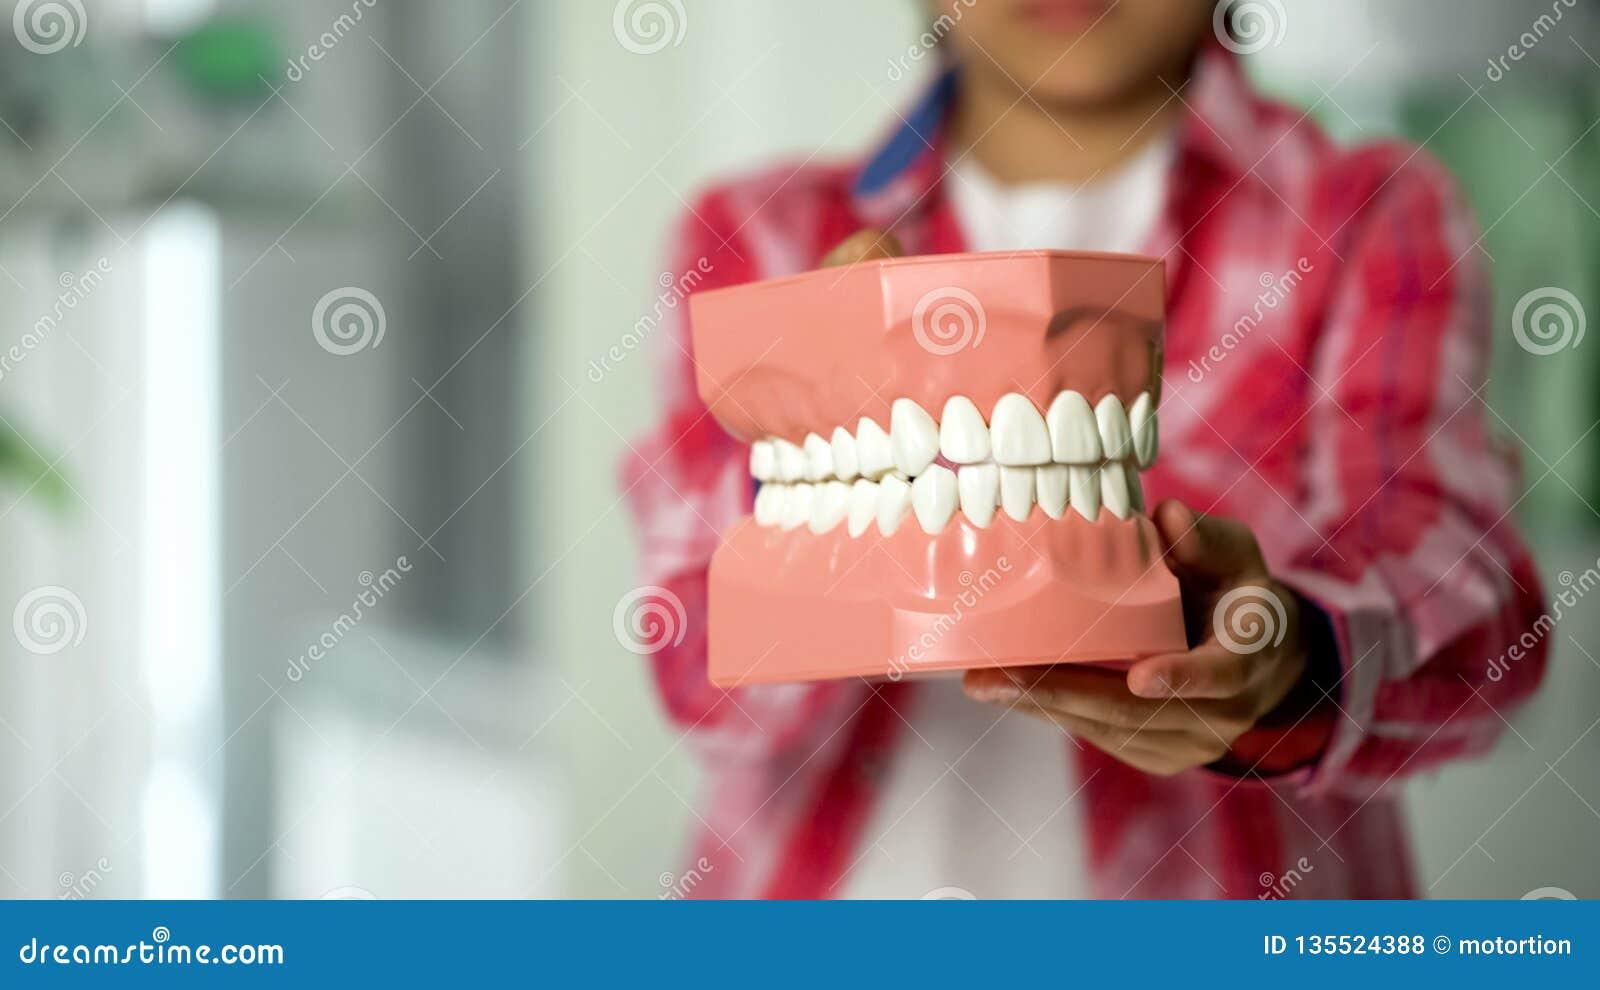 Παιδί που παρουσιάζει σαγόνι πρότυπες, οδοντικές υπηρεσίες για τα παιδιά, πρόληψη της τερηδόνας